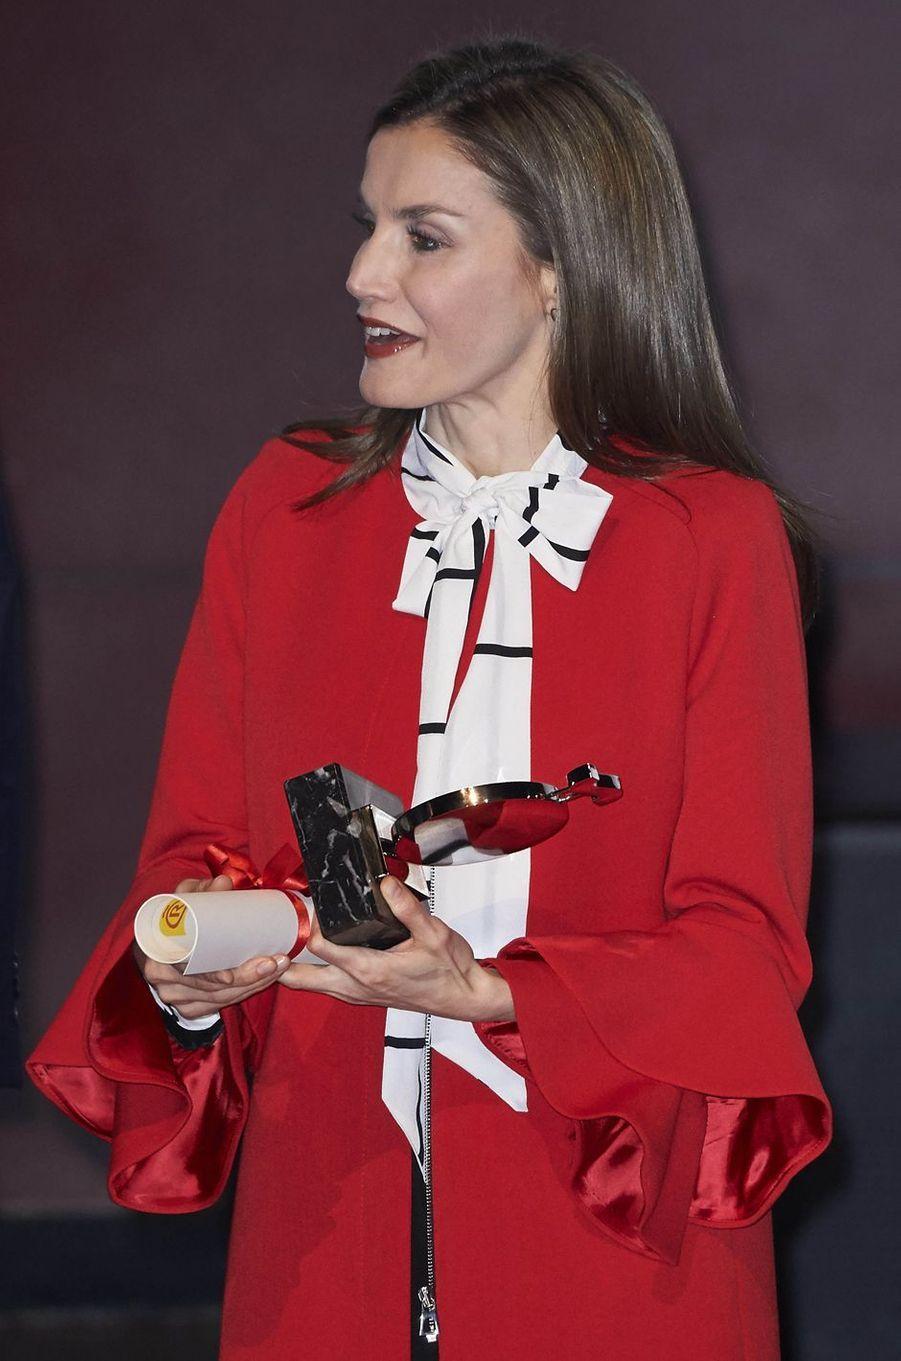 La reine Letizia d'Espagne à Madrid, le 14 mars 2017